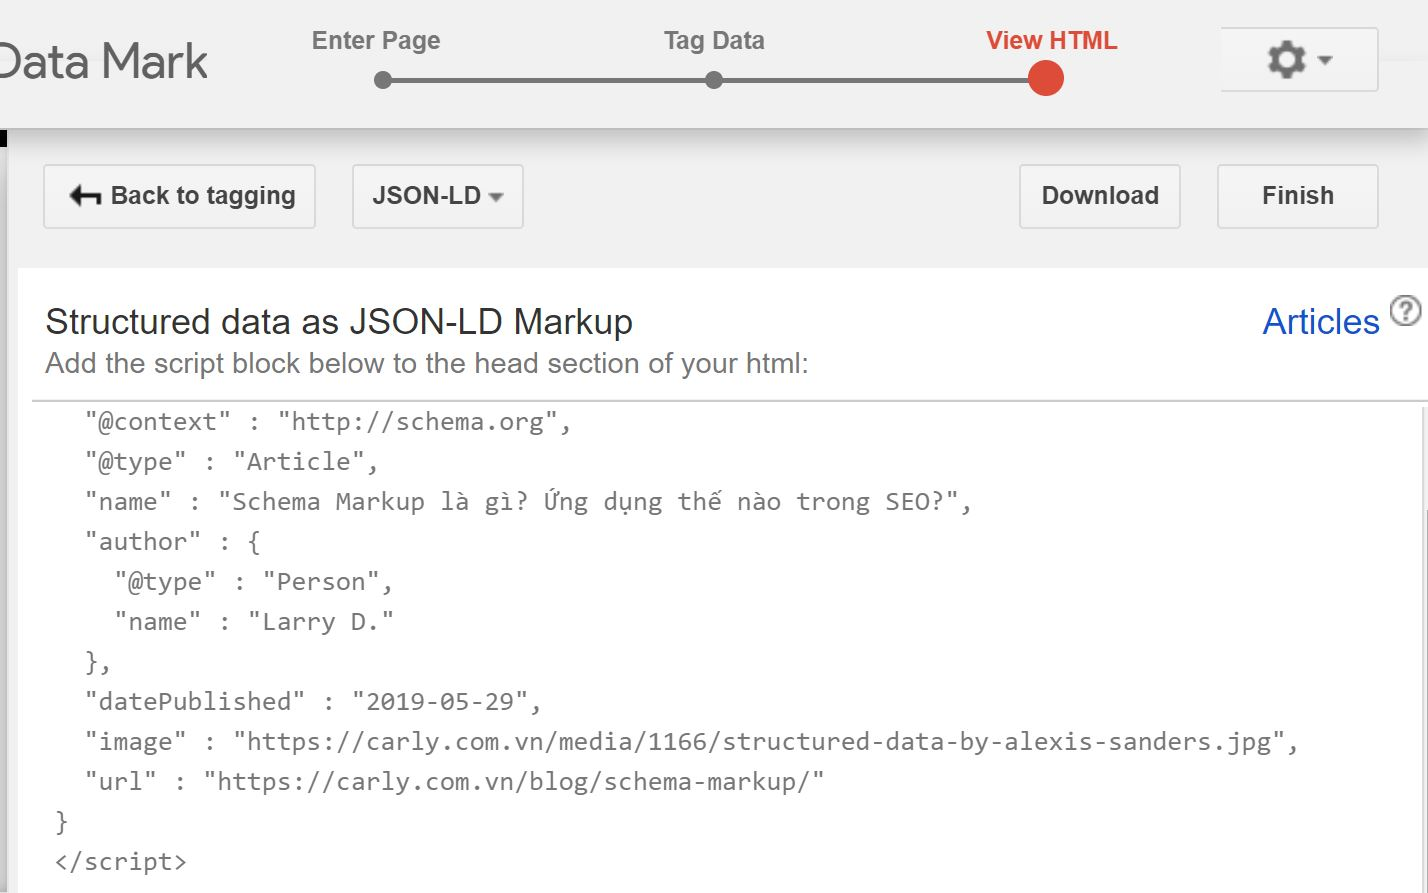 Trang kết quả HTML sau khi chọn đánh dấu Schema